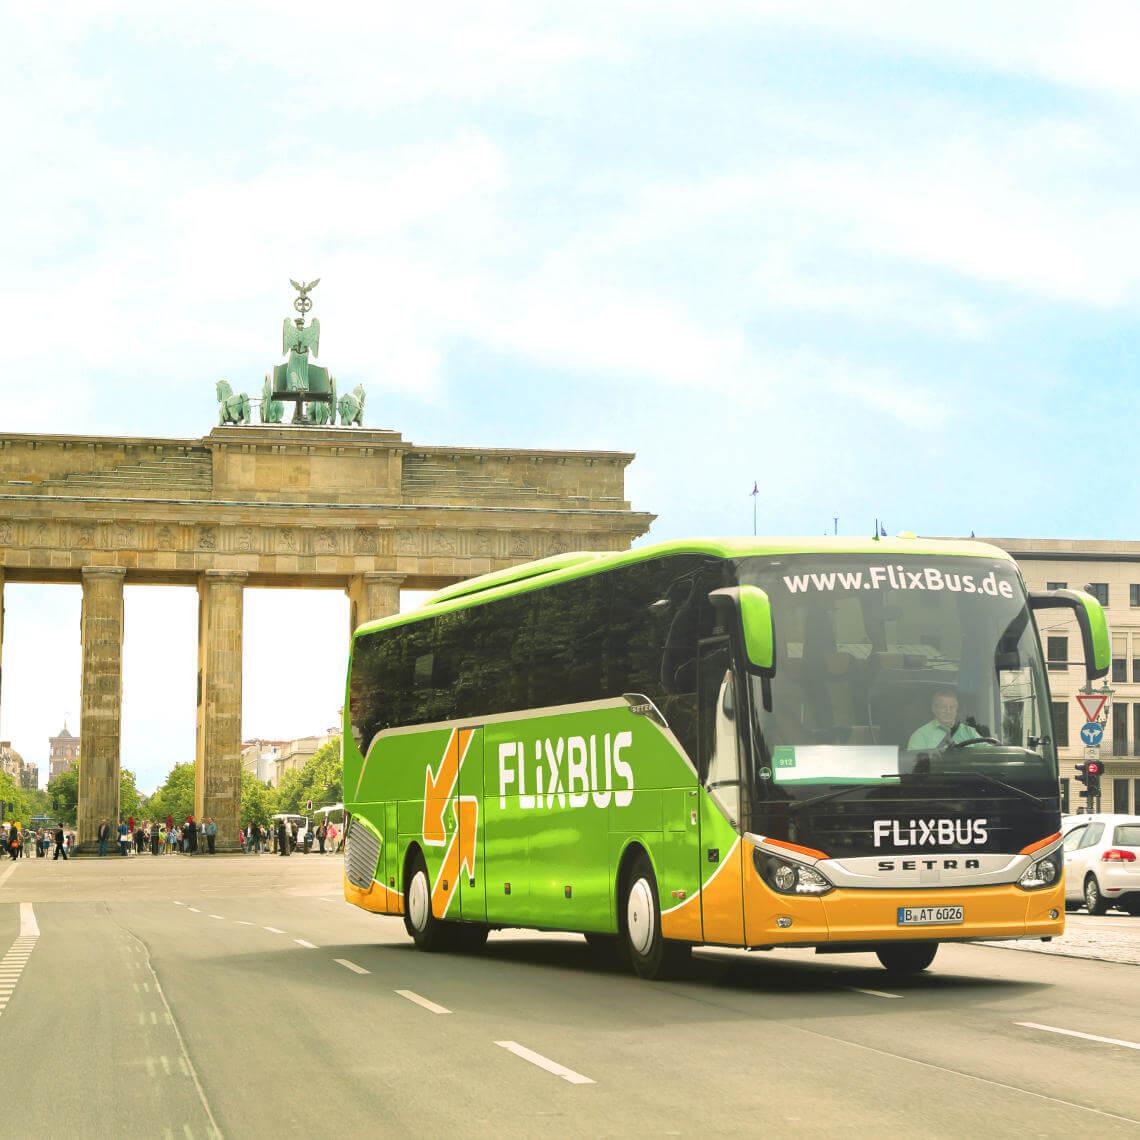 [Studierende] Flixbus 3€ bzw. 10% Rabatt, Freifahrten möglich